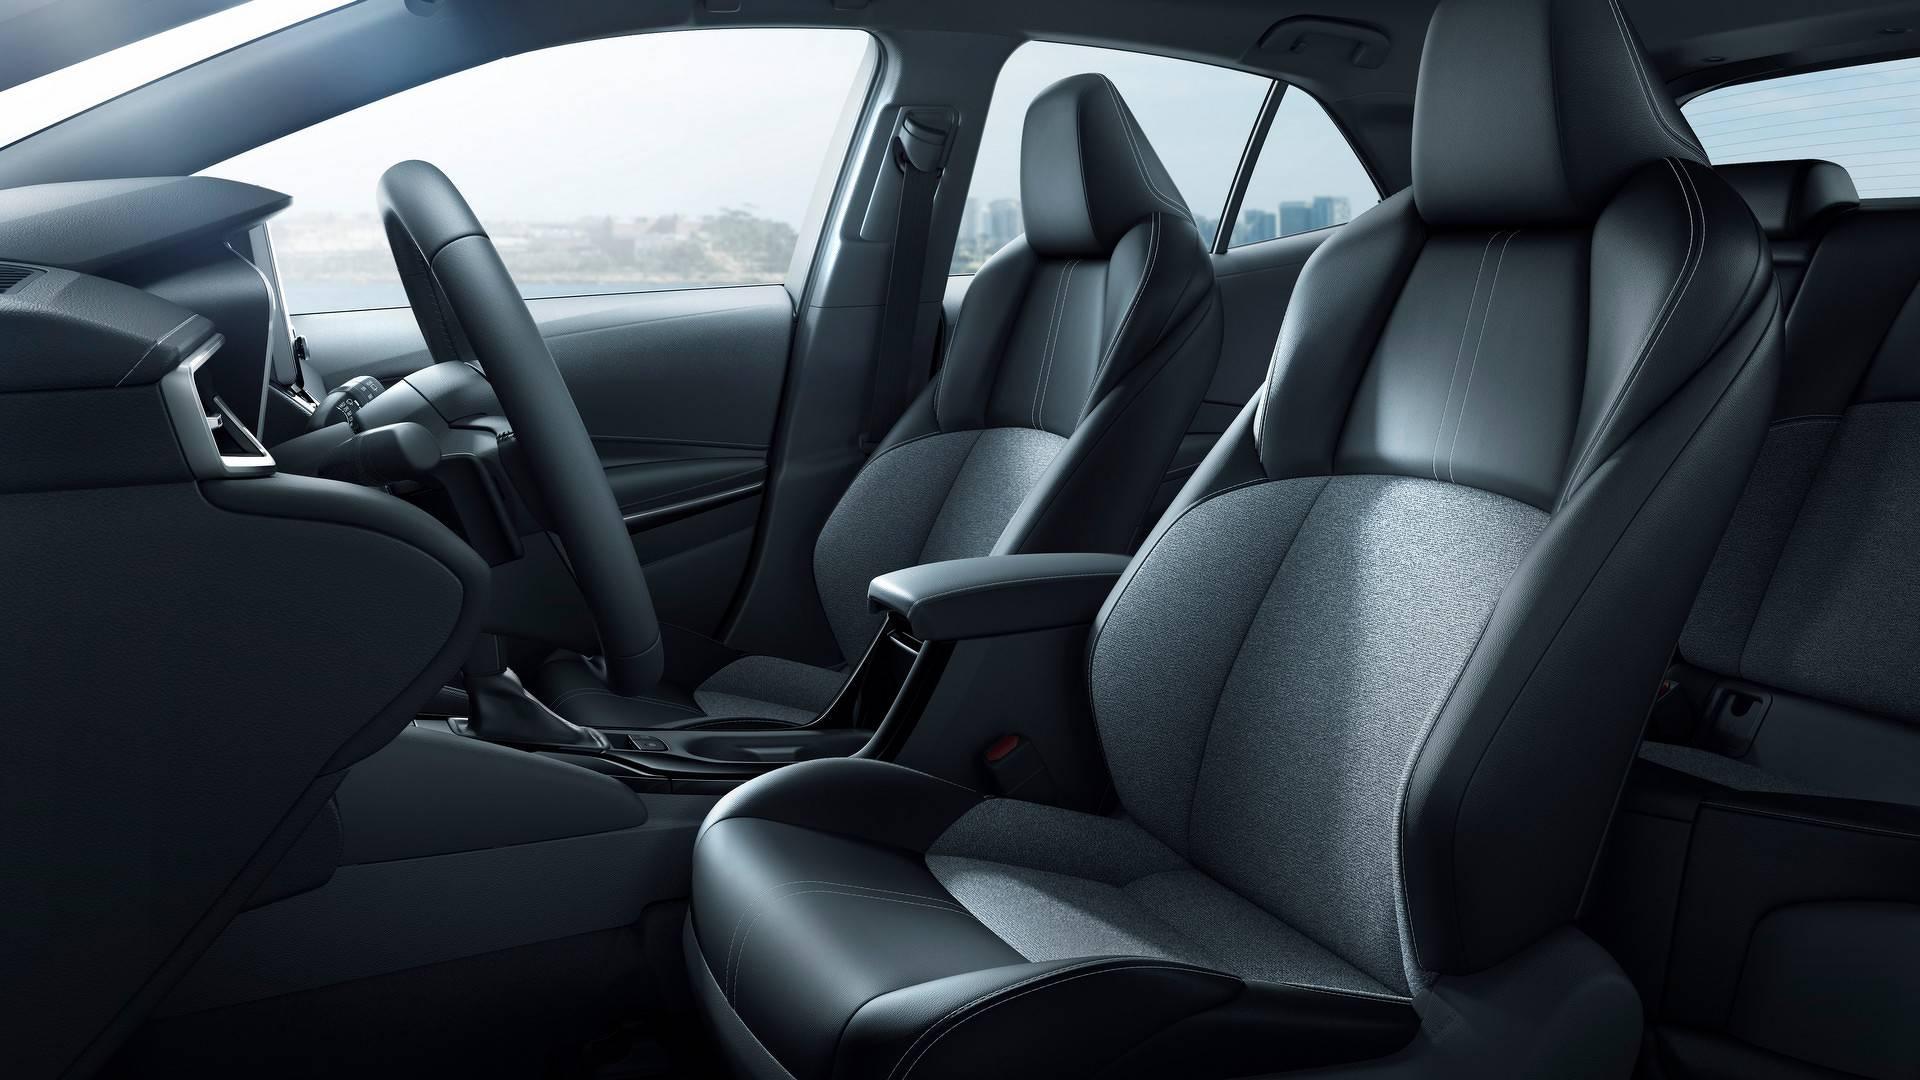 2019_Toyota_Corolla_Hatchback_0020